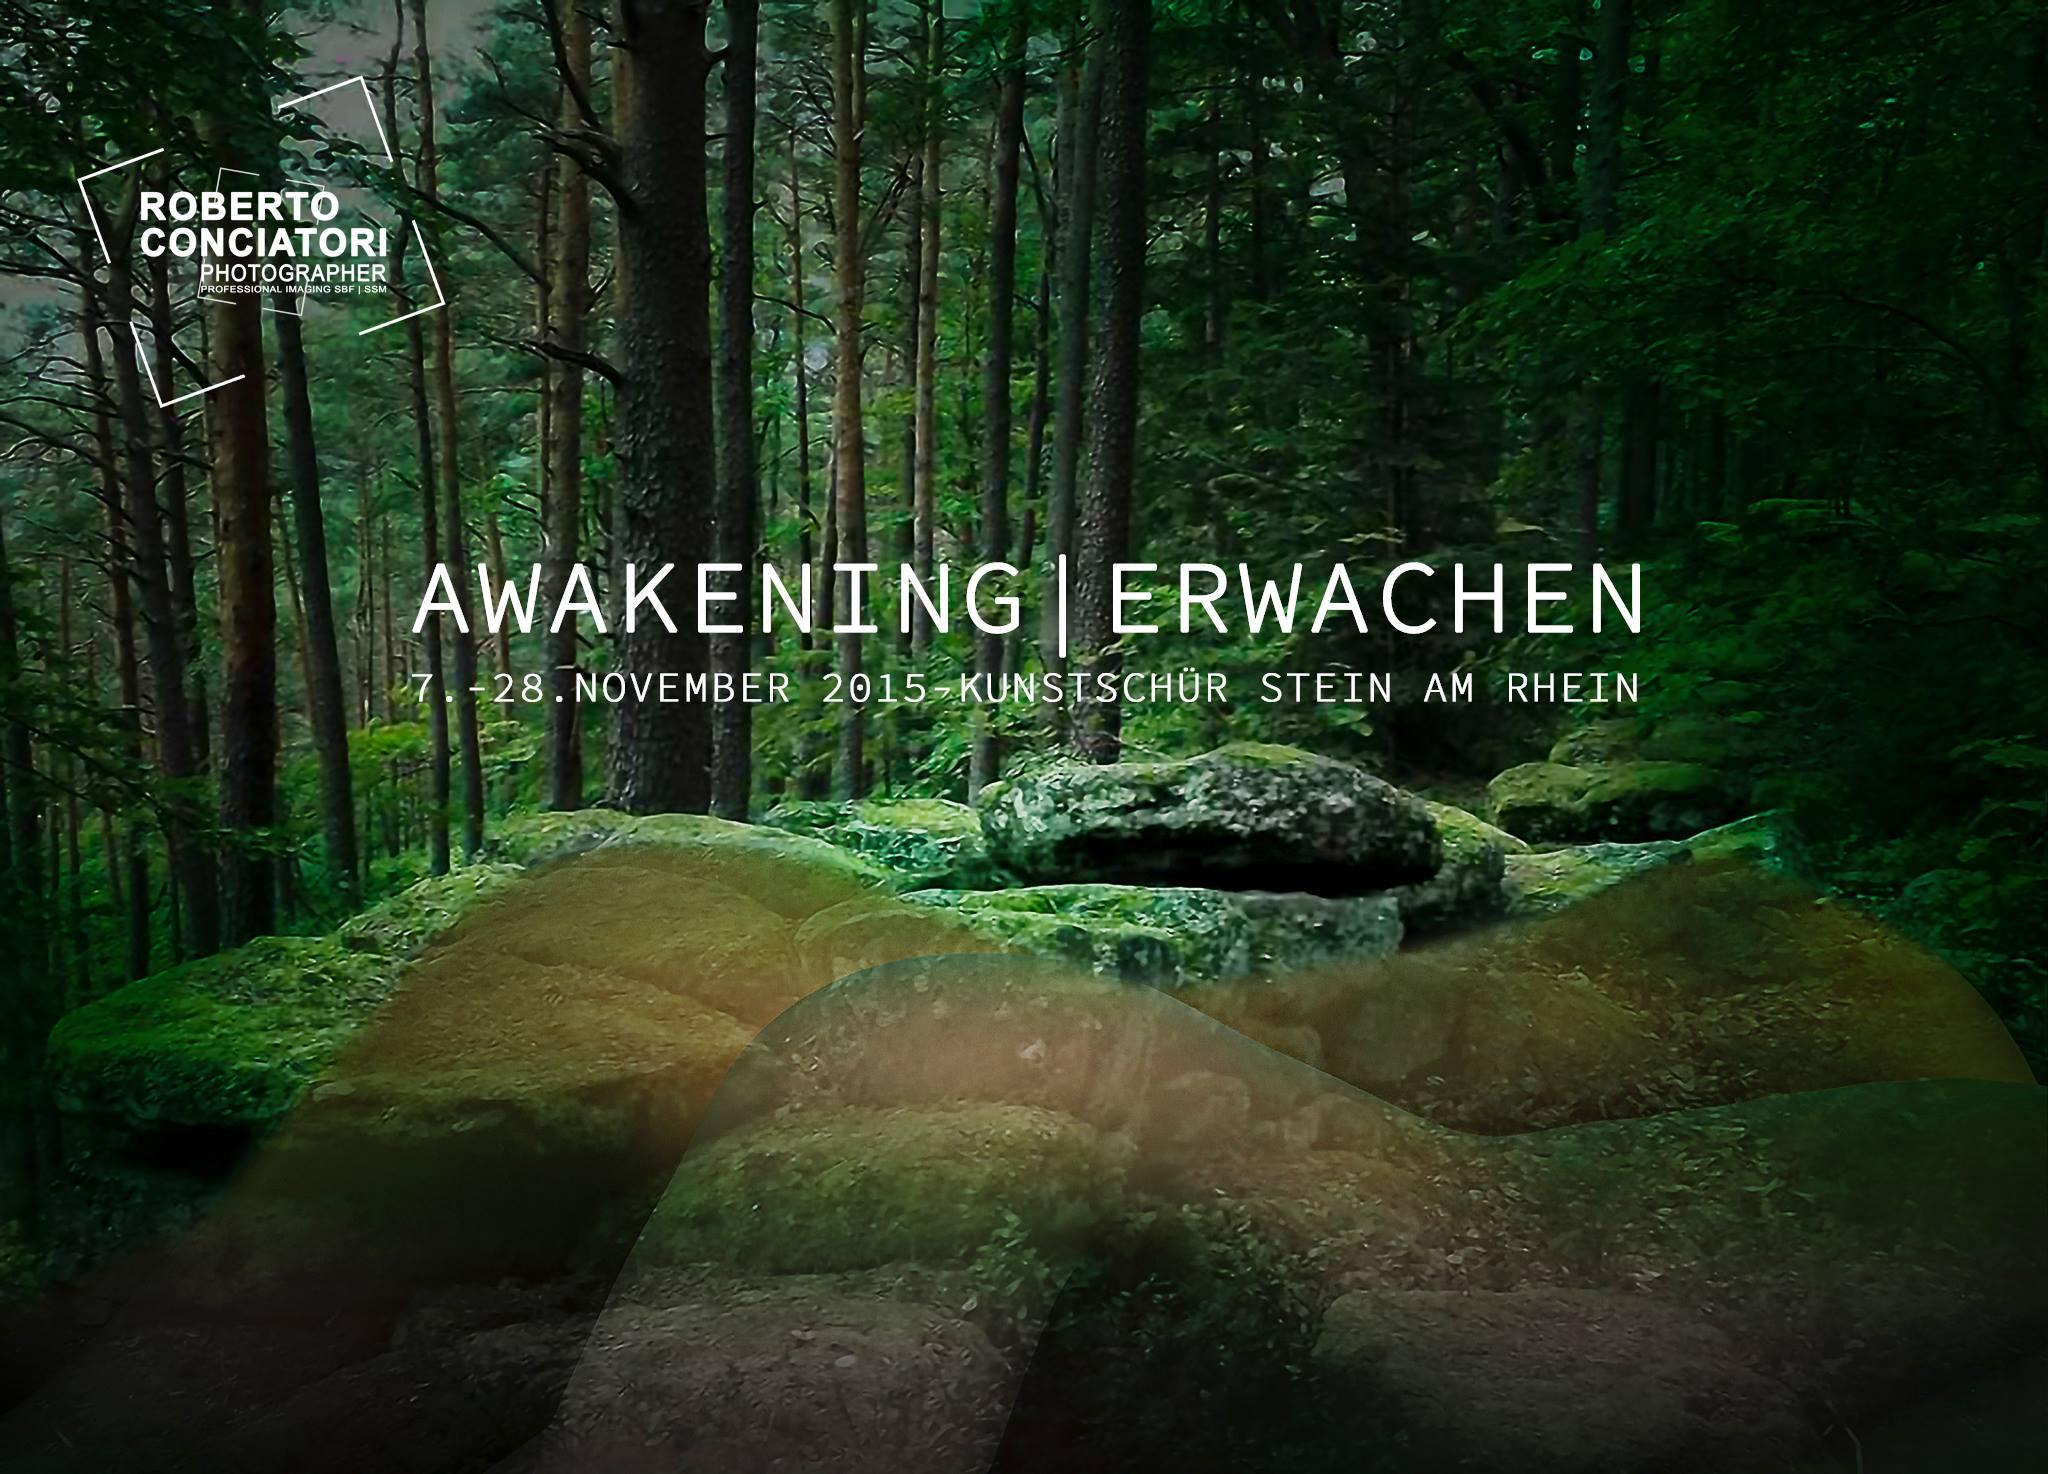 AWAKENING | ERWACHEN